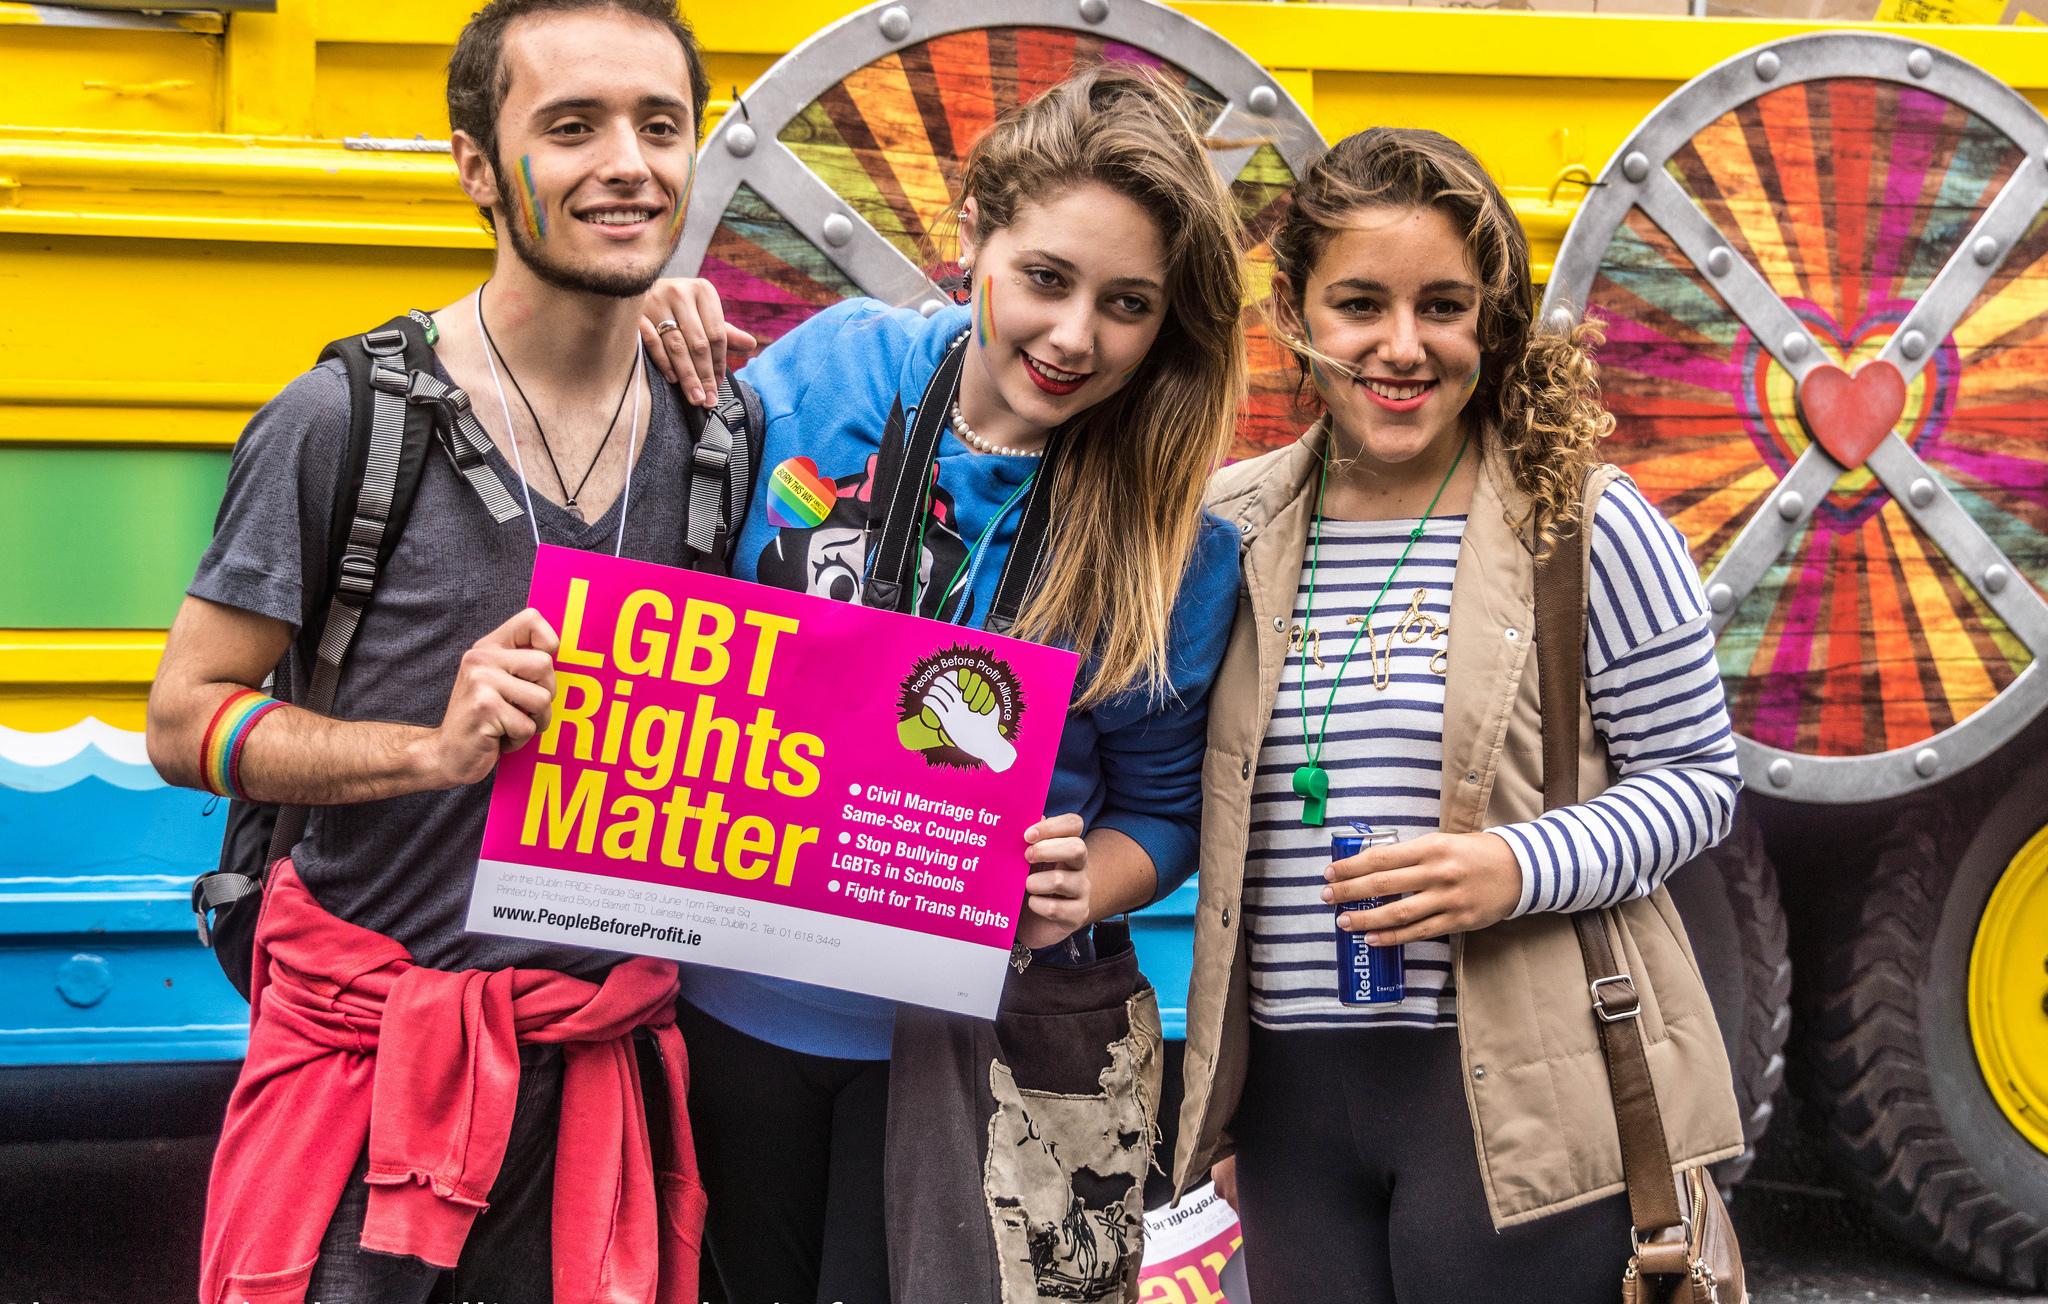 Dublin LGBTQ Pride Festival 2013 | © William Murphy/Flickr